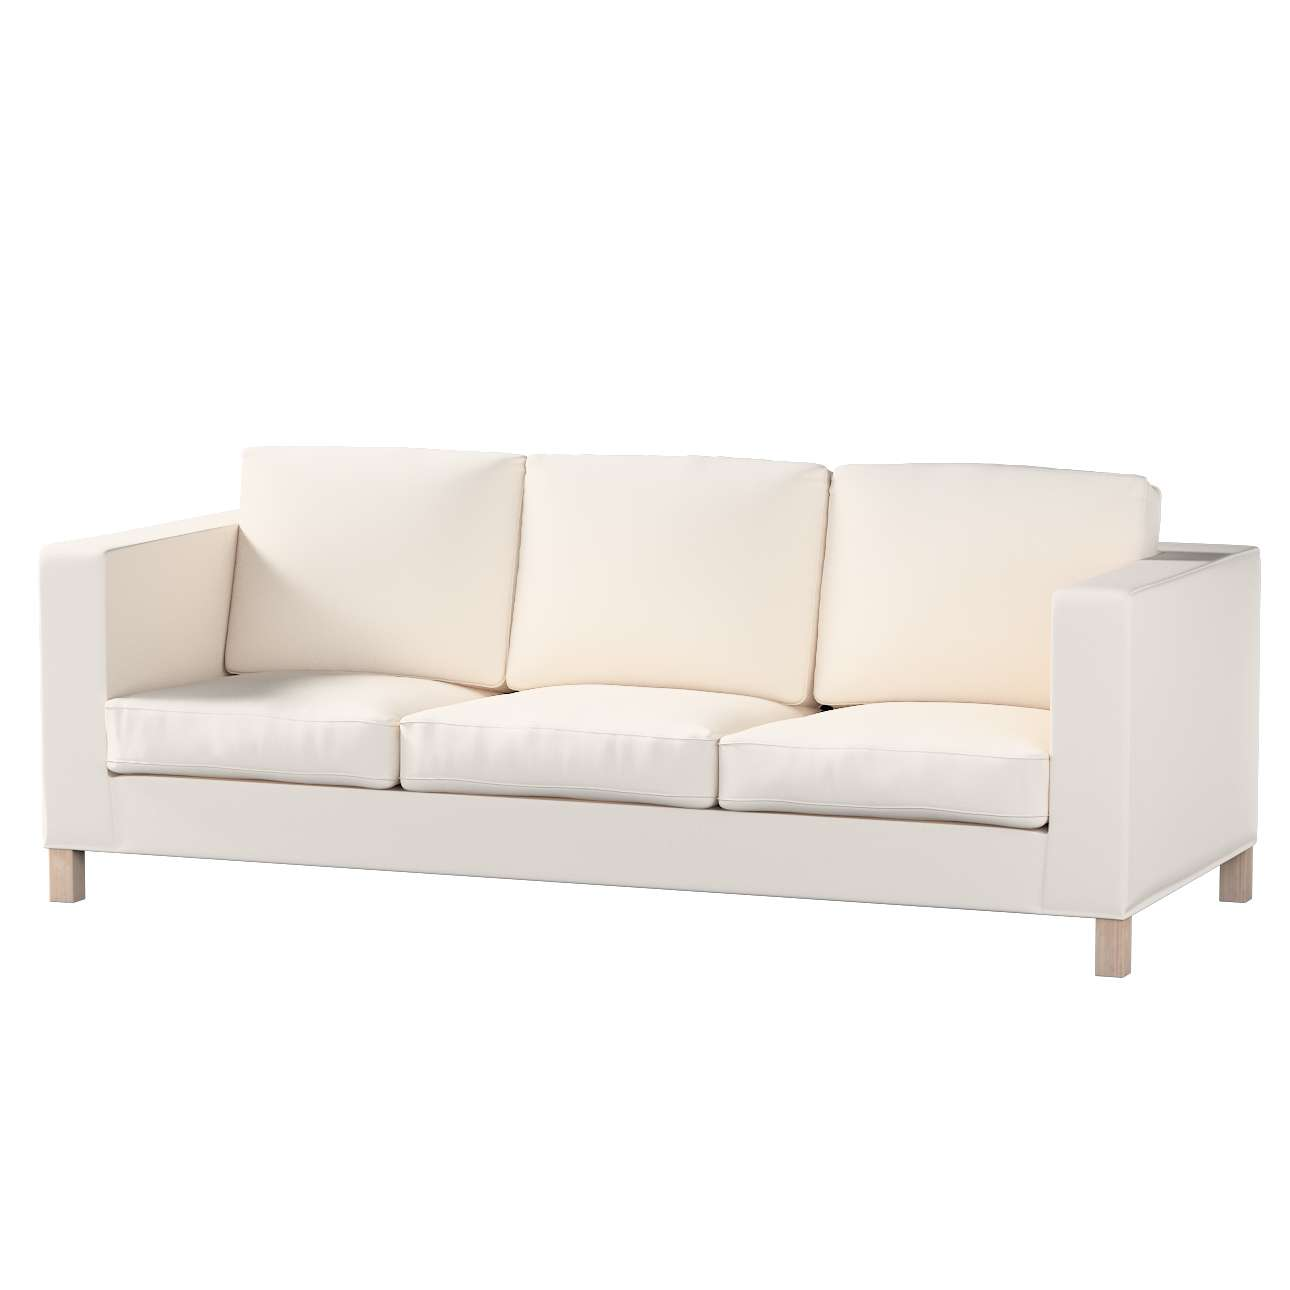 KARLANDA trivietės sofos užvalkalas KARLANDA trivietės sofos užvalkalas kolekcijoje Etna , audinys: 705-01